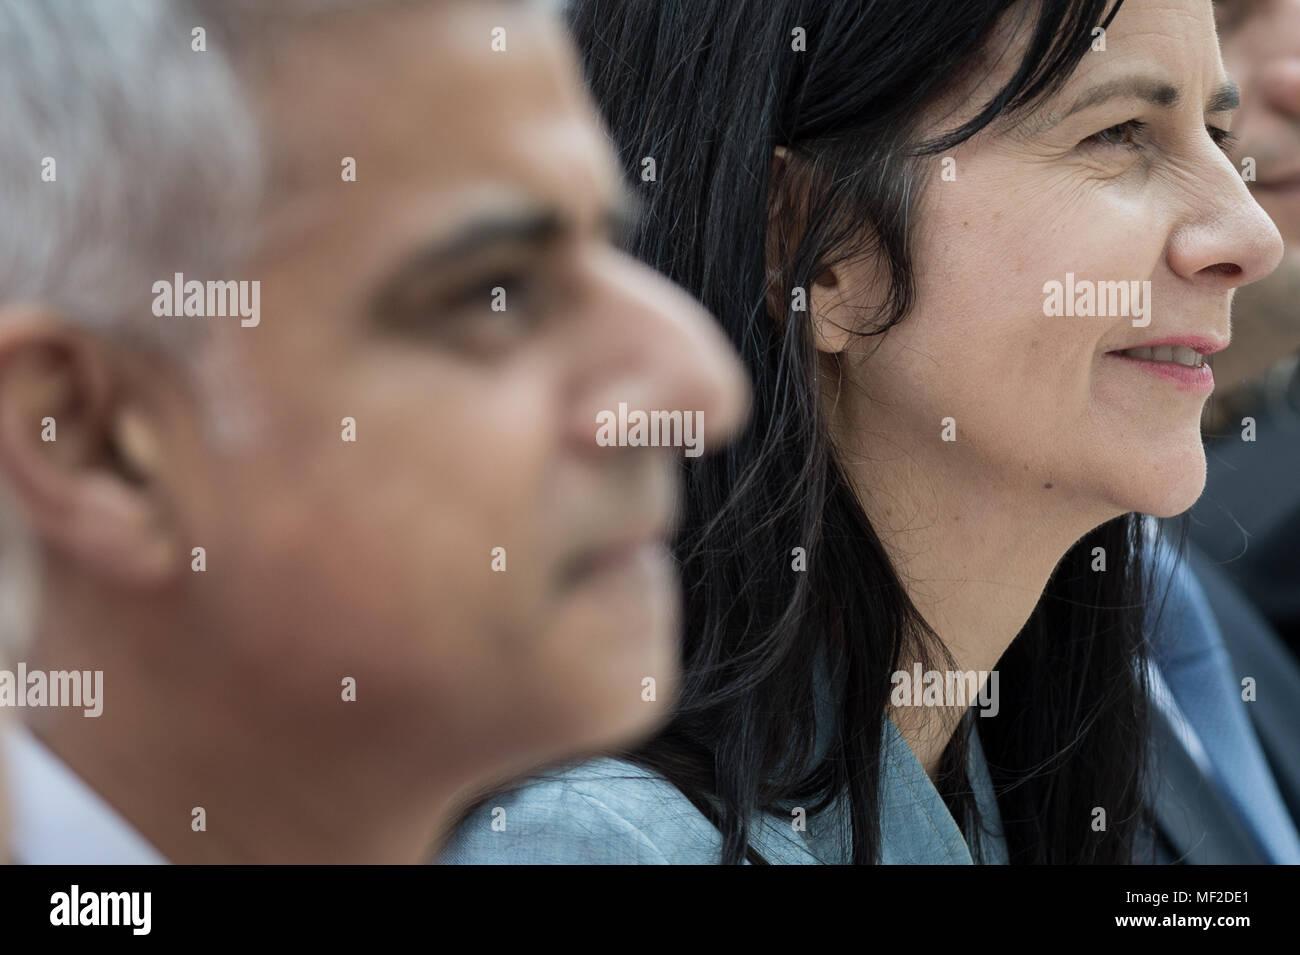 London, Großbritannien. 24. April 2018. Statue Schöpfer, Gillian Wearing (rechts) sitzt mit Bürgermeister von London, Saduq Khan (links), während der enthüllungsfeier von Millicent Fawcett in Parliament Square. Die erste Statue einer Frau im Parlament Platz verbindet das Line-up der männlichen Figuren zu markieren, um den 100. Jahrestag der das Frauenwahlrecht in Großbritannien - zwei Jahre nach der Kampagne Frauen außerhalb der Palast von Westminster zu erhalten begann. Credit: Guy Corbishley/Alamy leben Nachrichten Stockbild